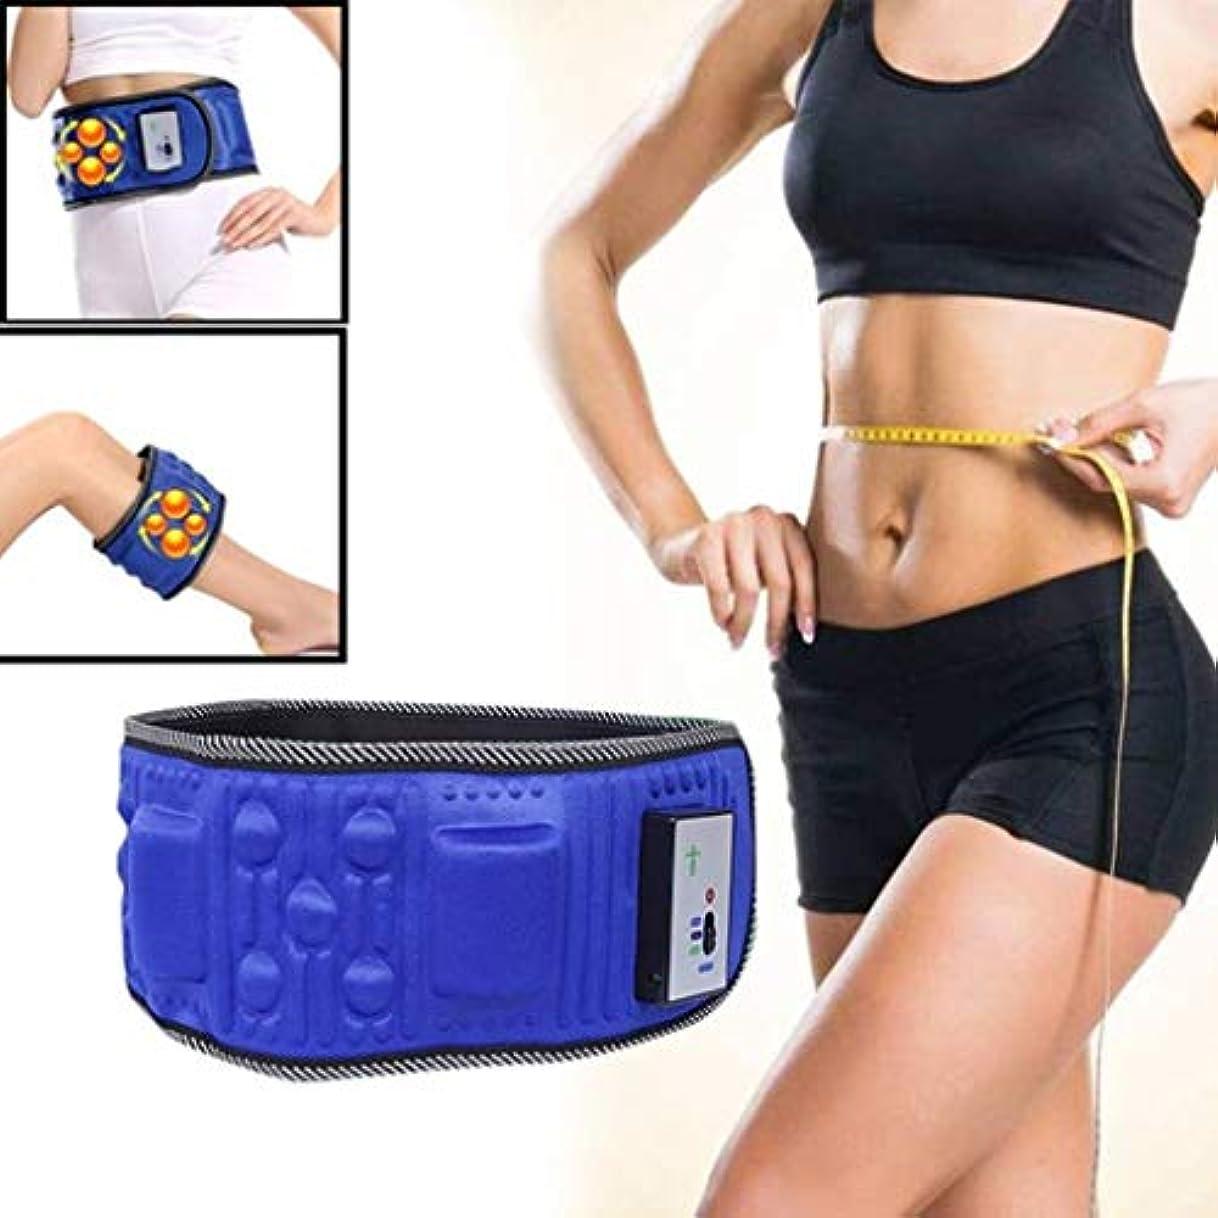 目を覚ます進化扱いやすい腰マッサージャー、電動振動痩身ベルトマッサージャー、痩身ベルト振動脂肪燃焼痩身ベルト、ウエストトレーナー